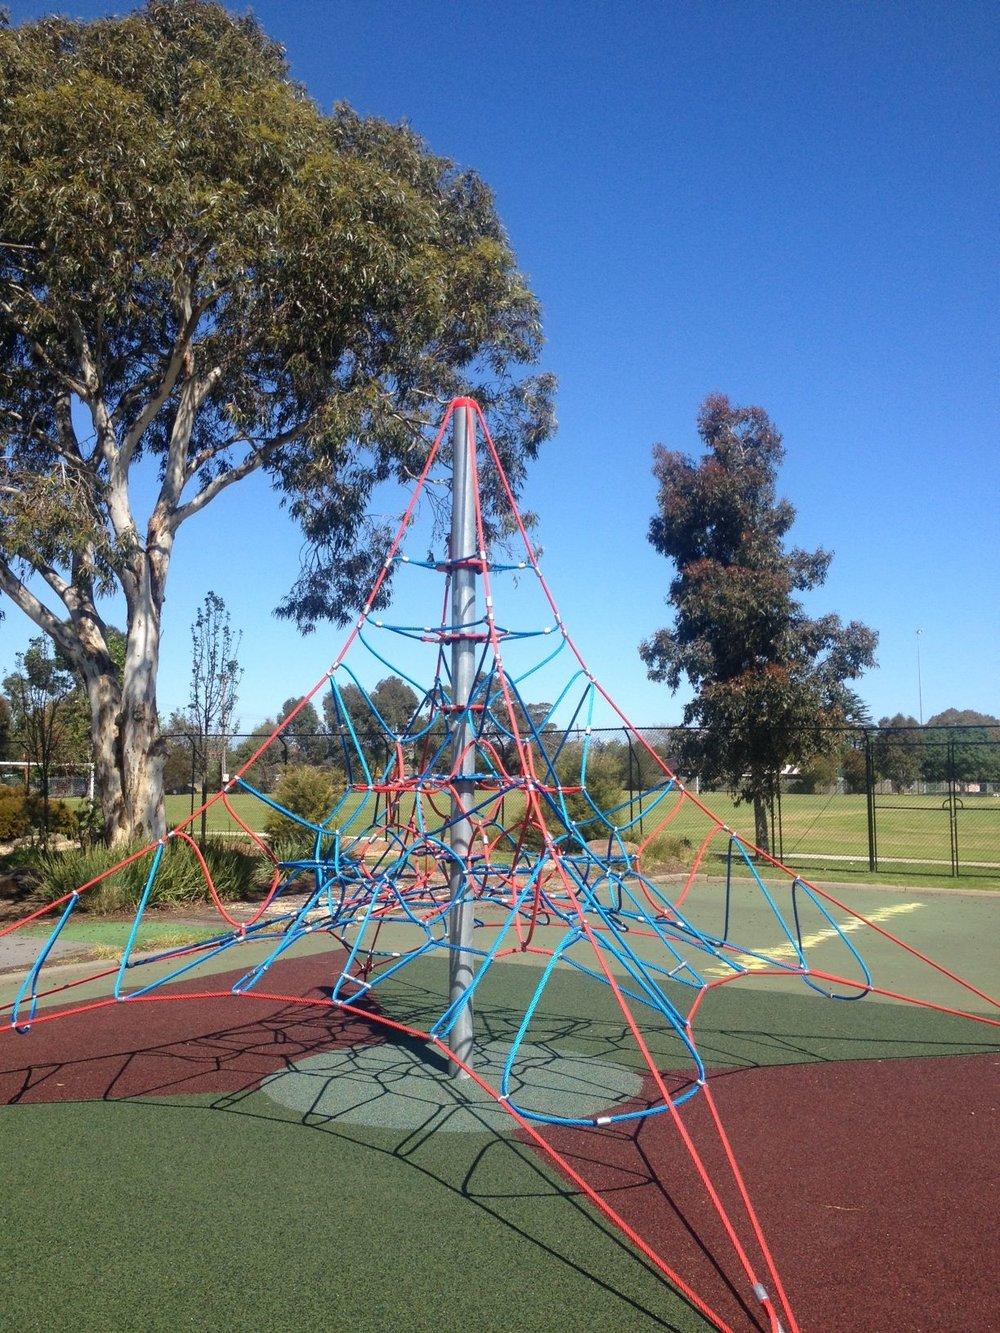 playground 1 09.10.13 (2).jpg